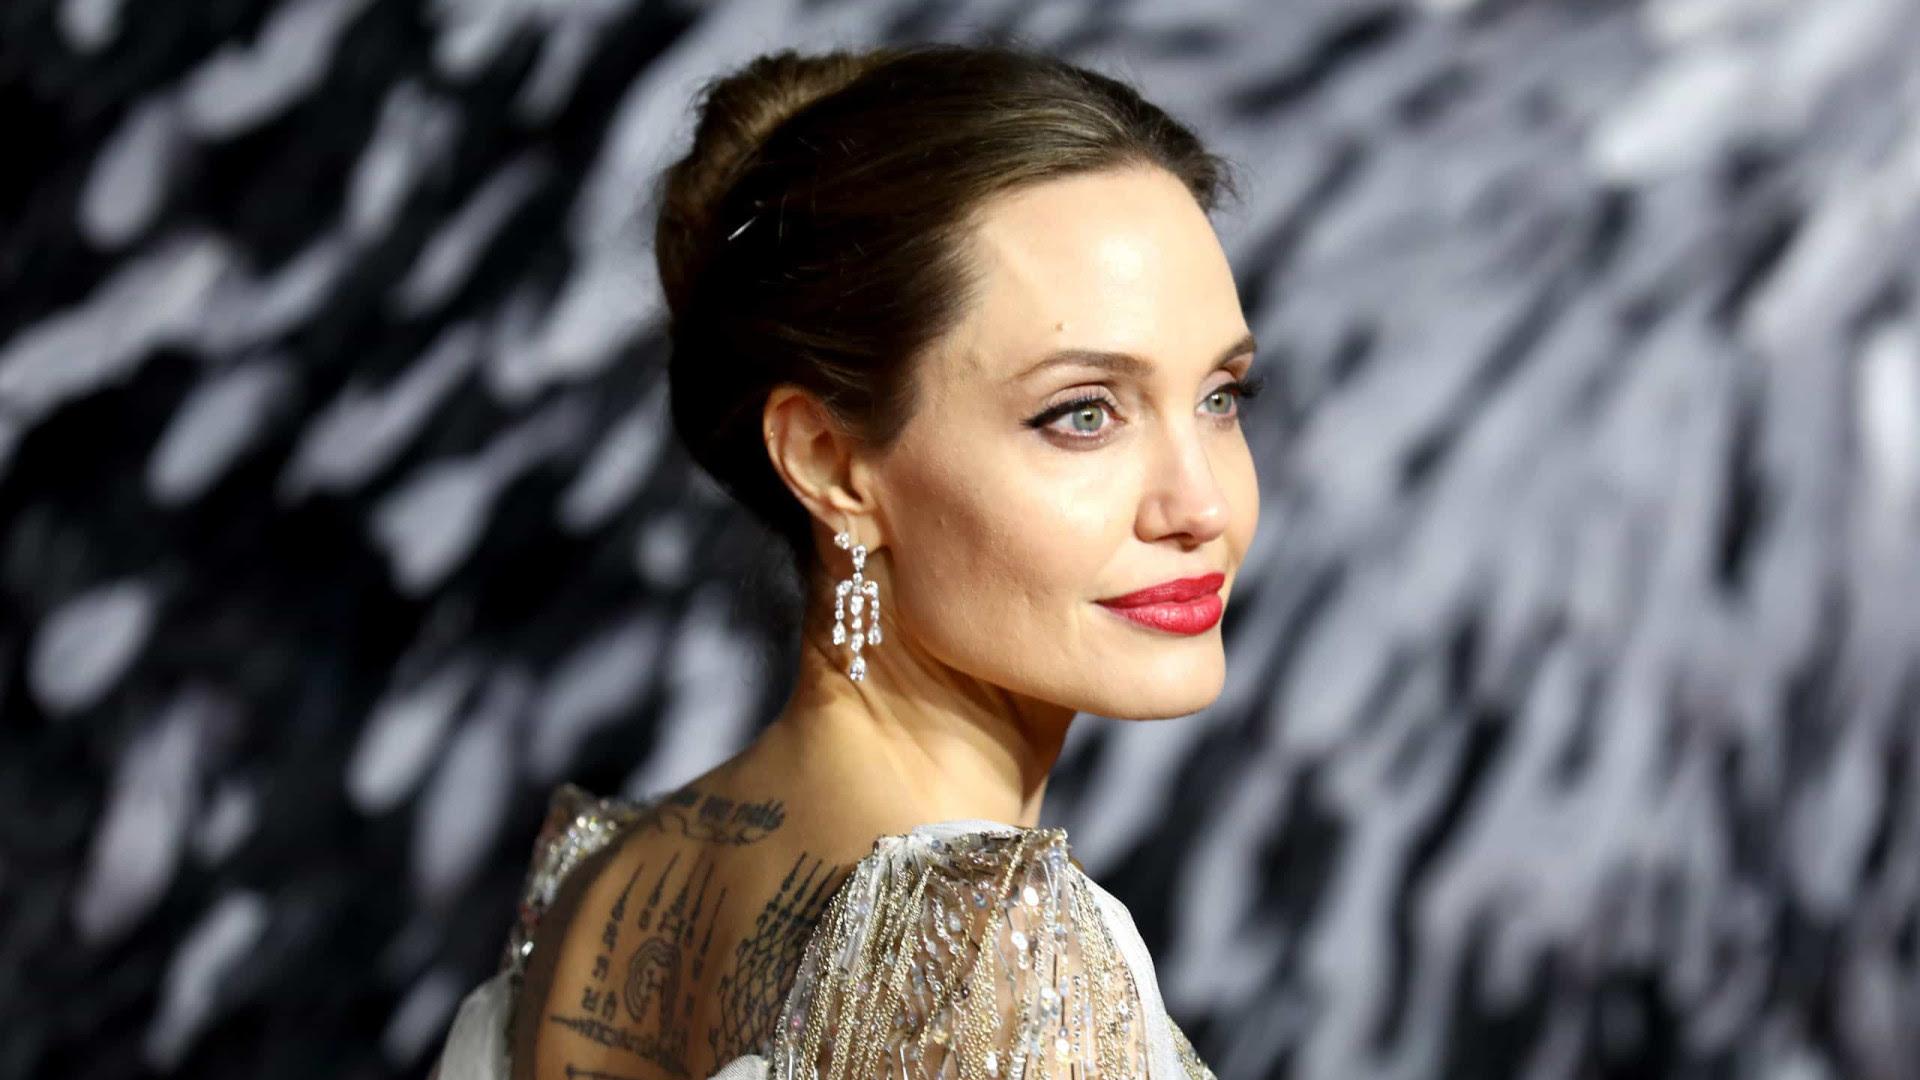 'Raramente acordo me achando boa o suficiente', afirma Angelina Jolie sobre fama